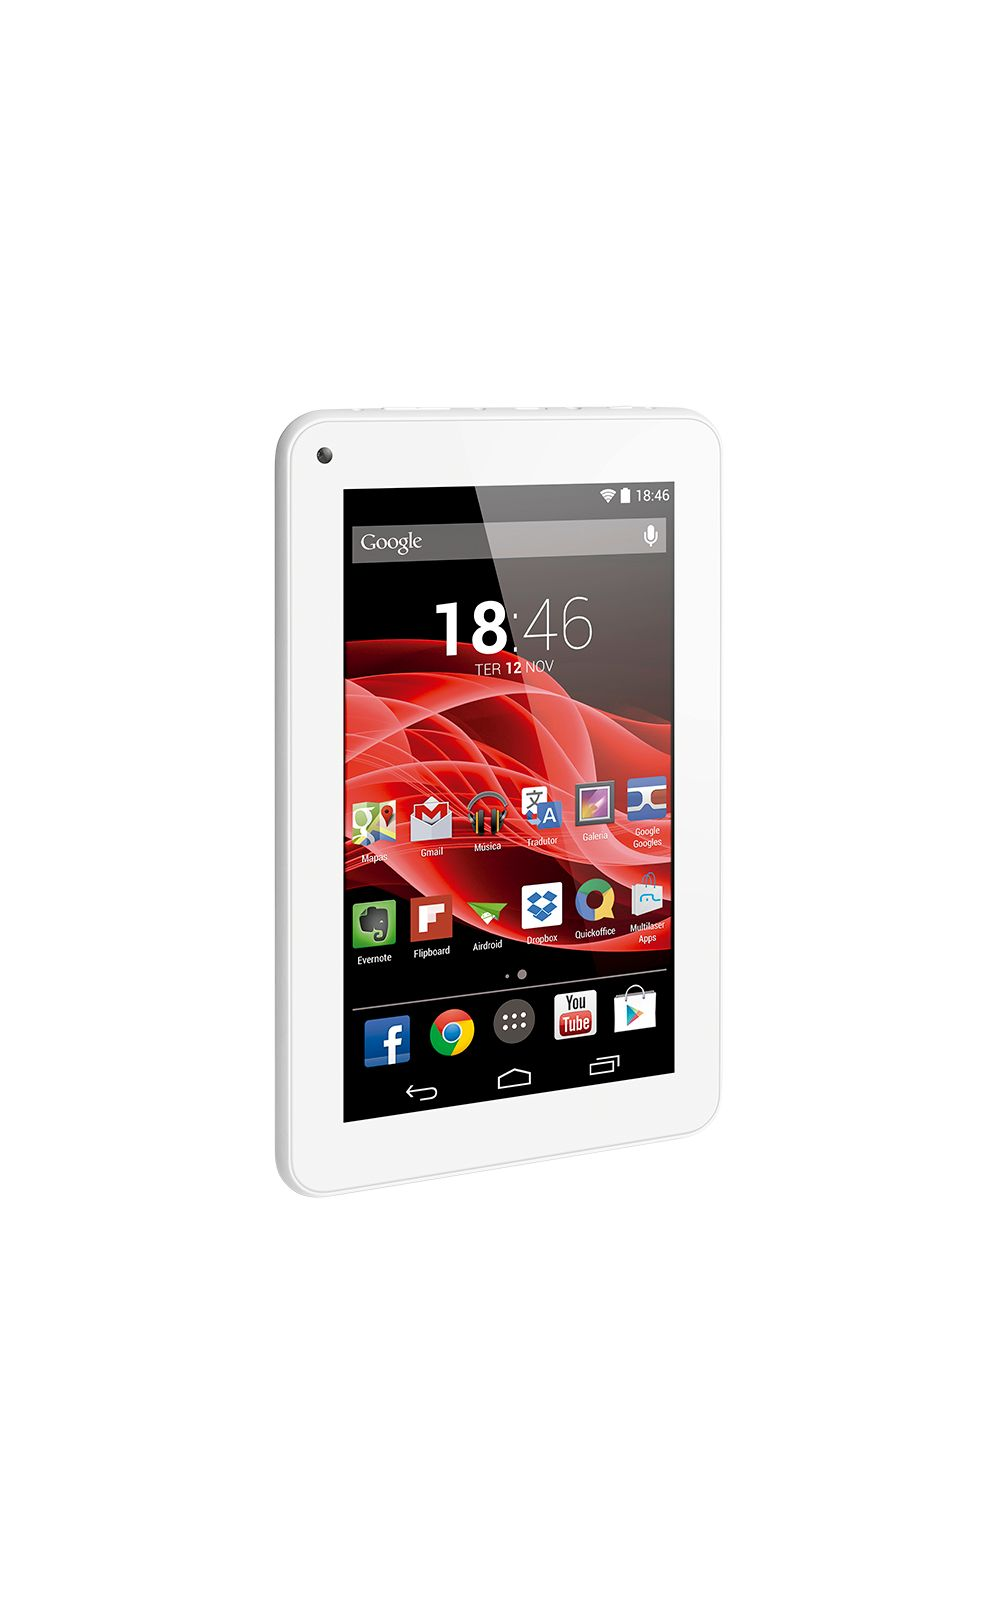 Foto 1 - Tablet Multilaser M7S Branco Quad Core Android 4.4 Kit Kat Dual Câmera Wi-Fi Tela Capacitiva 7 Memória 8GB - NB185